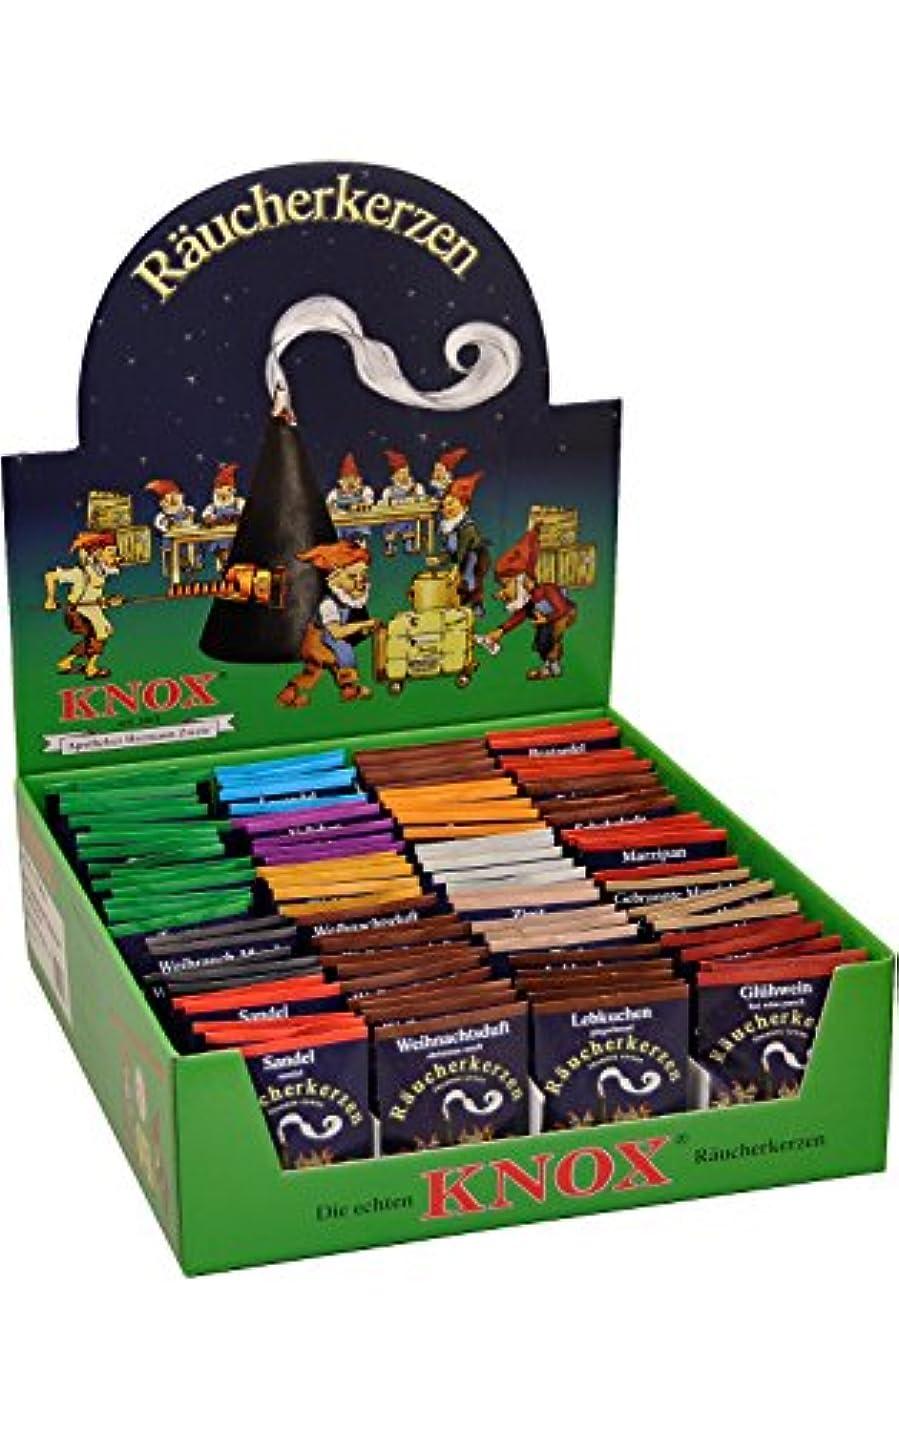 帝国服せせらぎKnox Incense Assorted Packs Set Of 100 Pieces 14.75